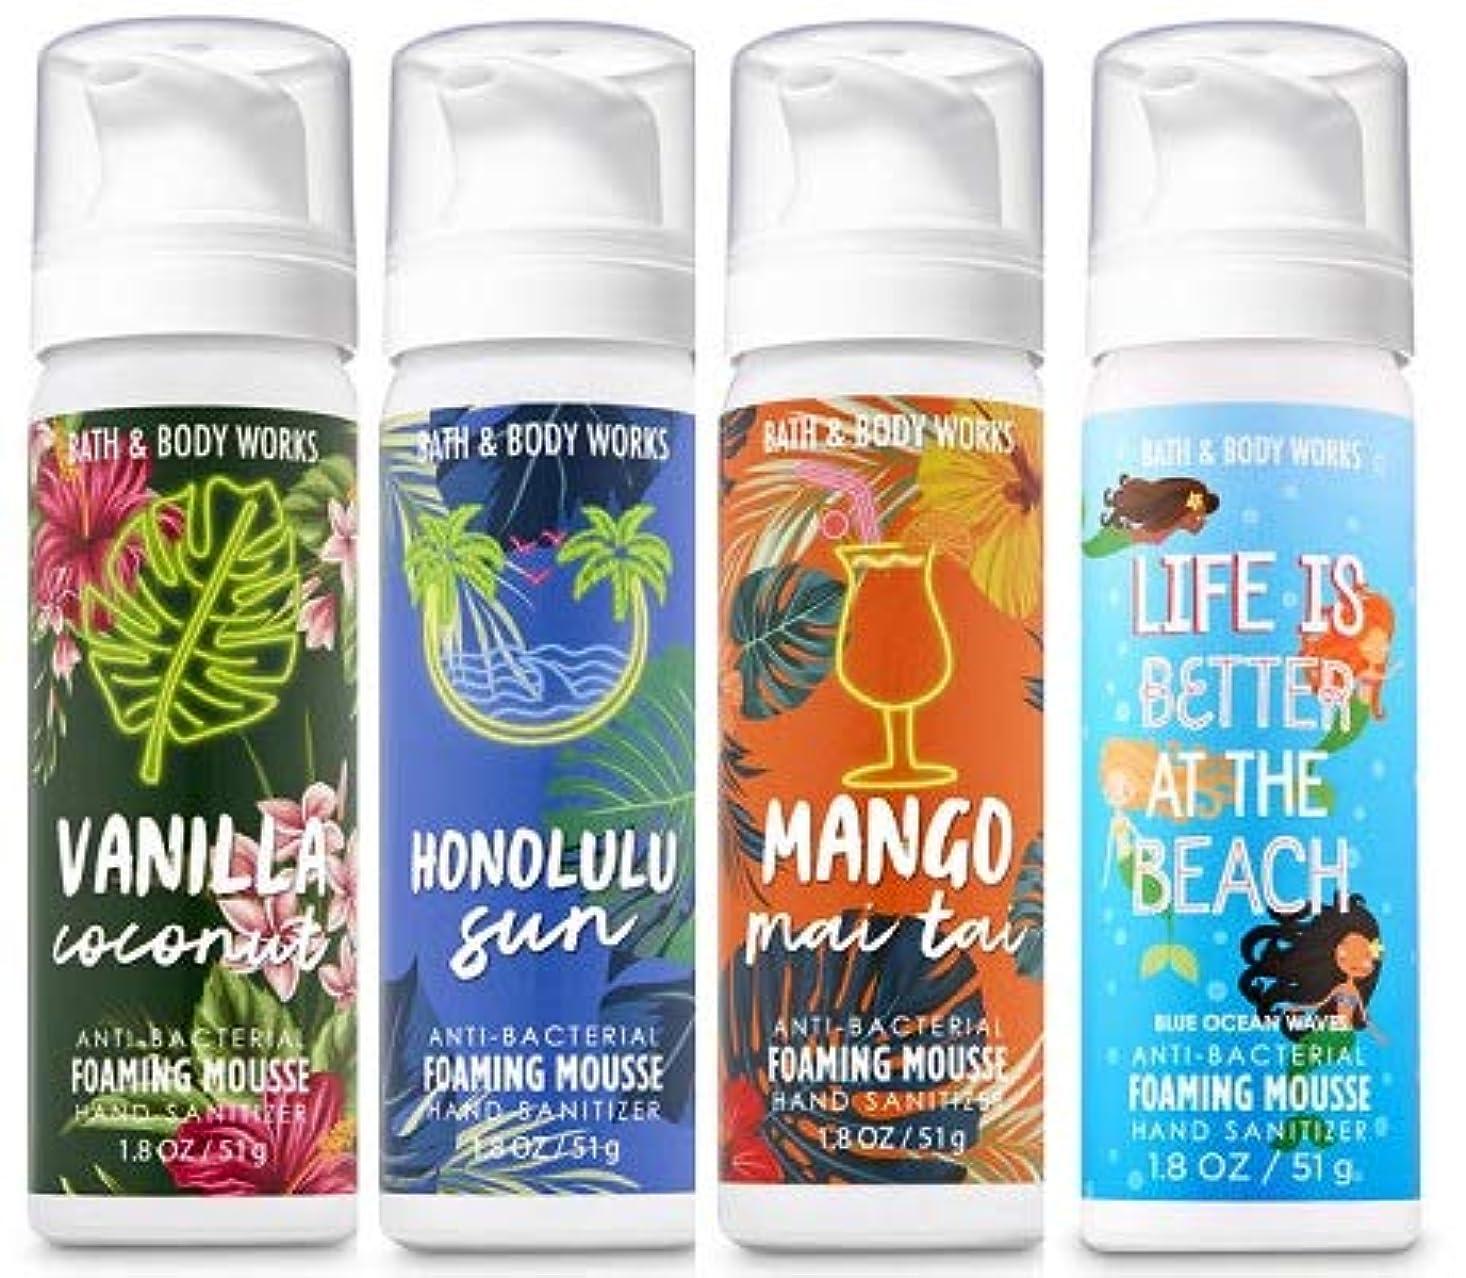 さようならバラバラにする疑いBath & Body Works ◆抗菌ハンドフォーム◆Foaming Hand Sanitizer おまかせ4本 [海外直送品]